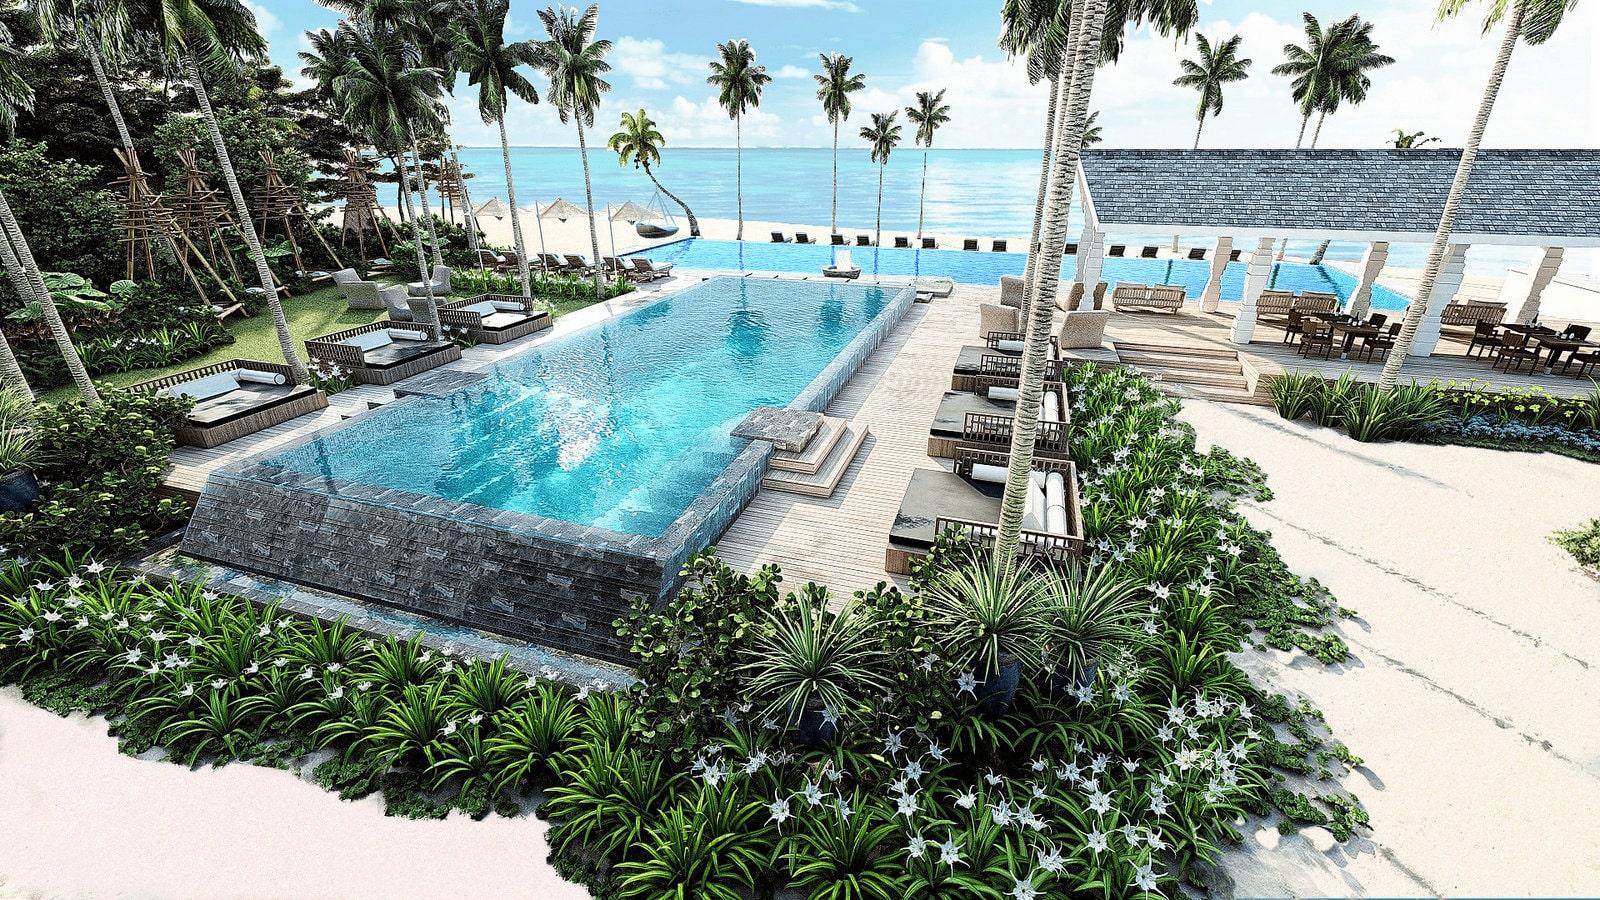 Мальдивы, отель Cora Cora Maldives